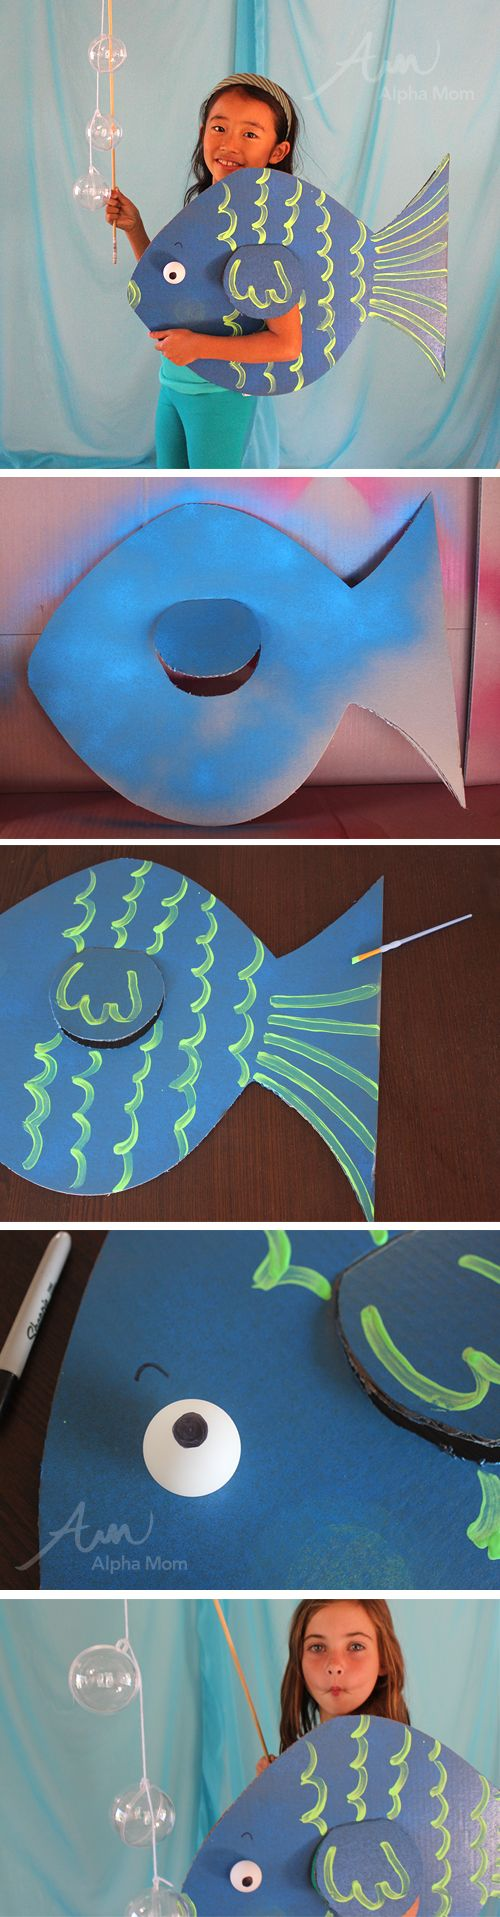 Useful Costume Per Bambini Th3 Party Pesce To Win Warm Praise From Customers Casa, Arredamento E Bricolage Acquari